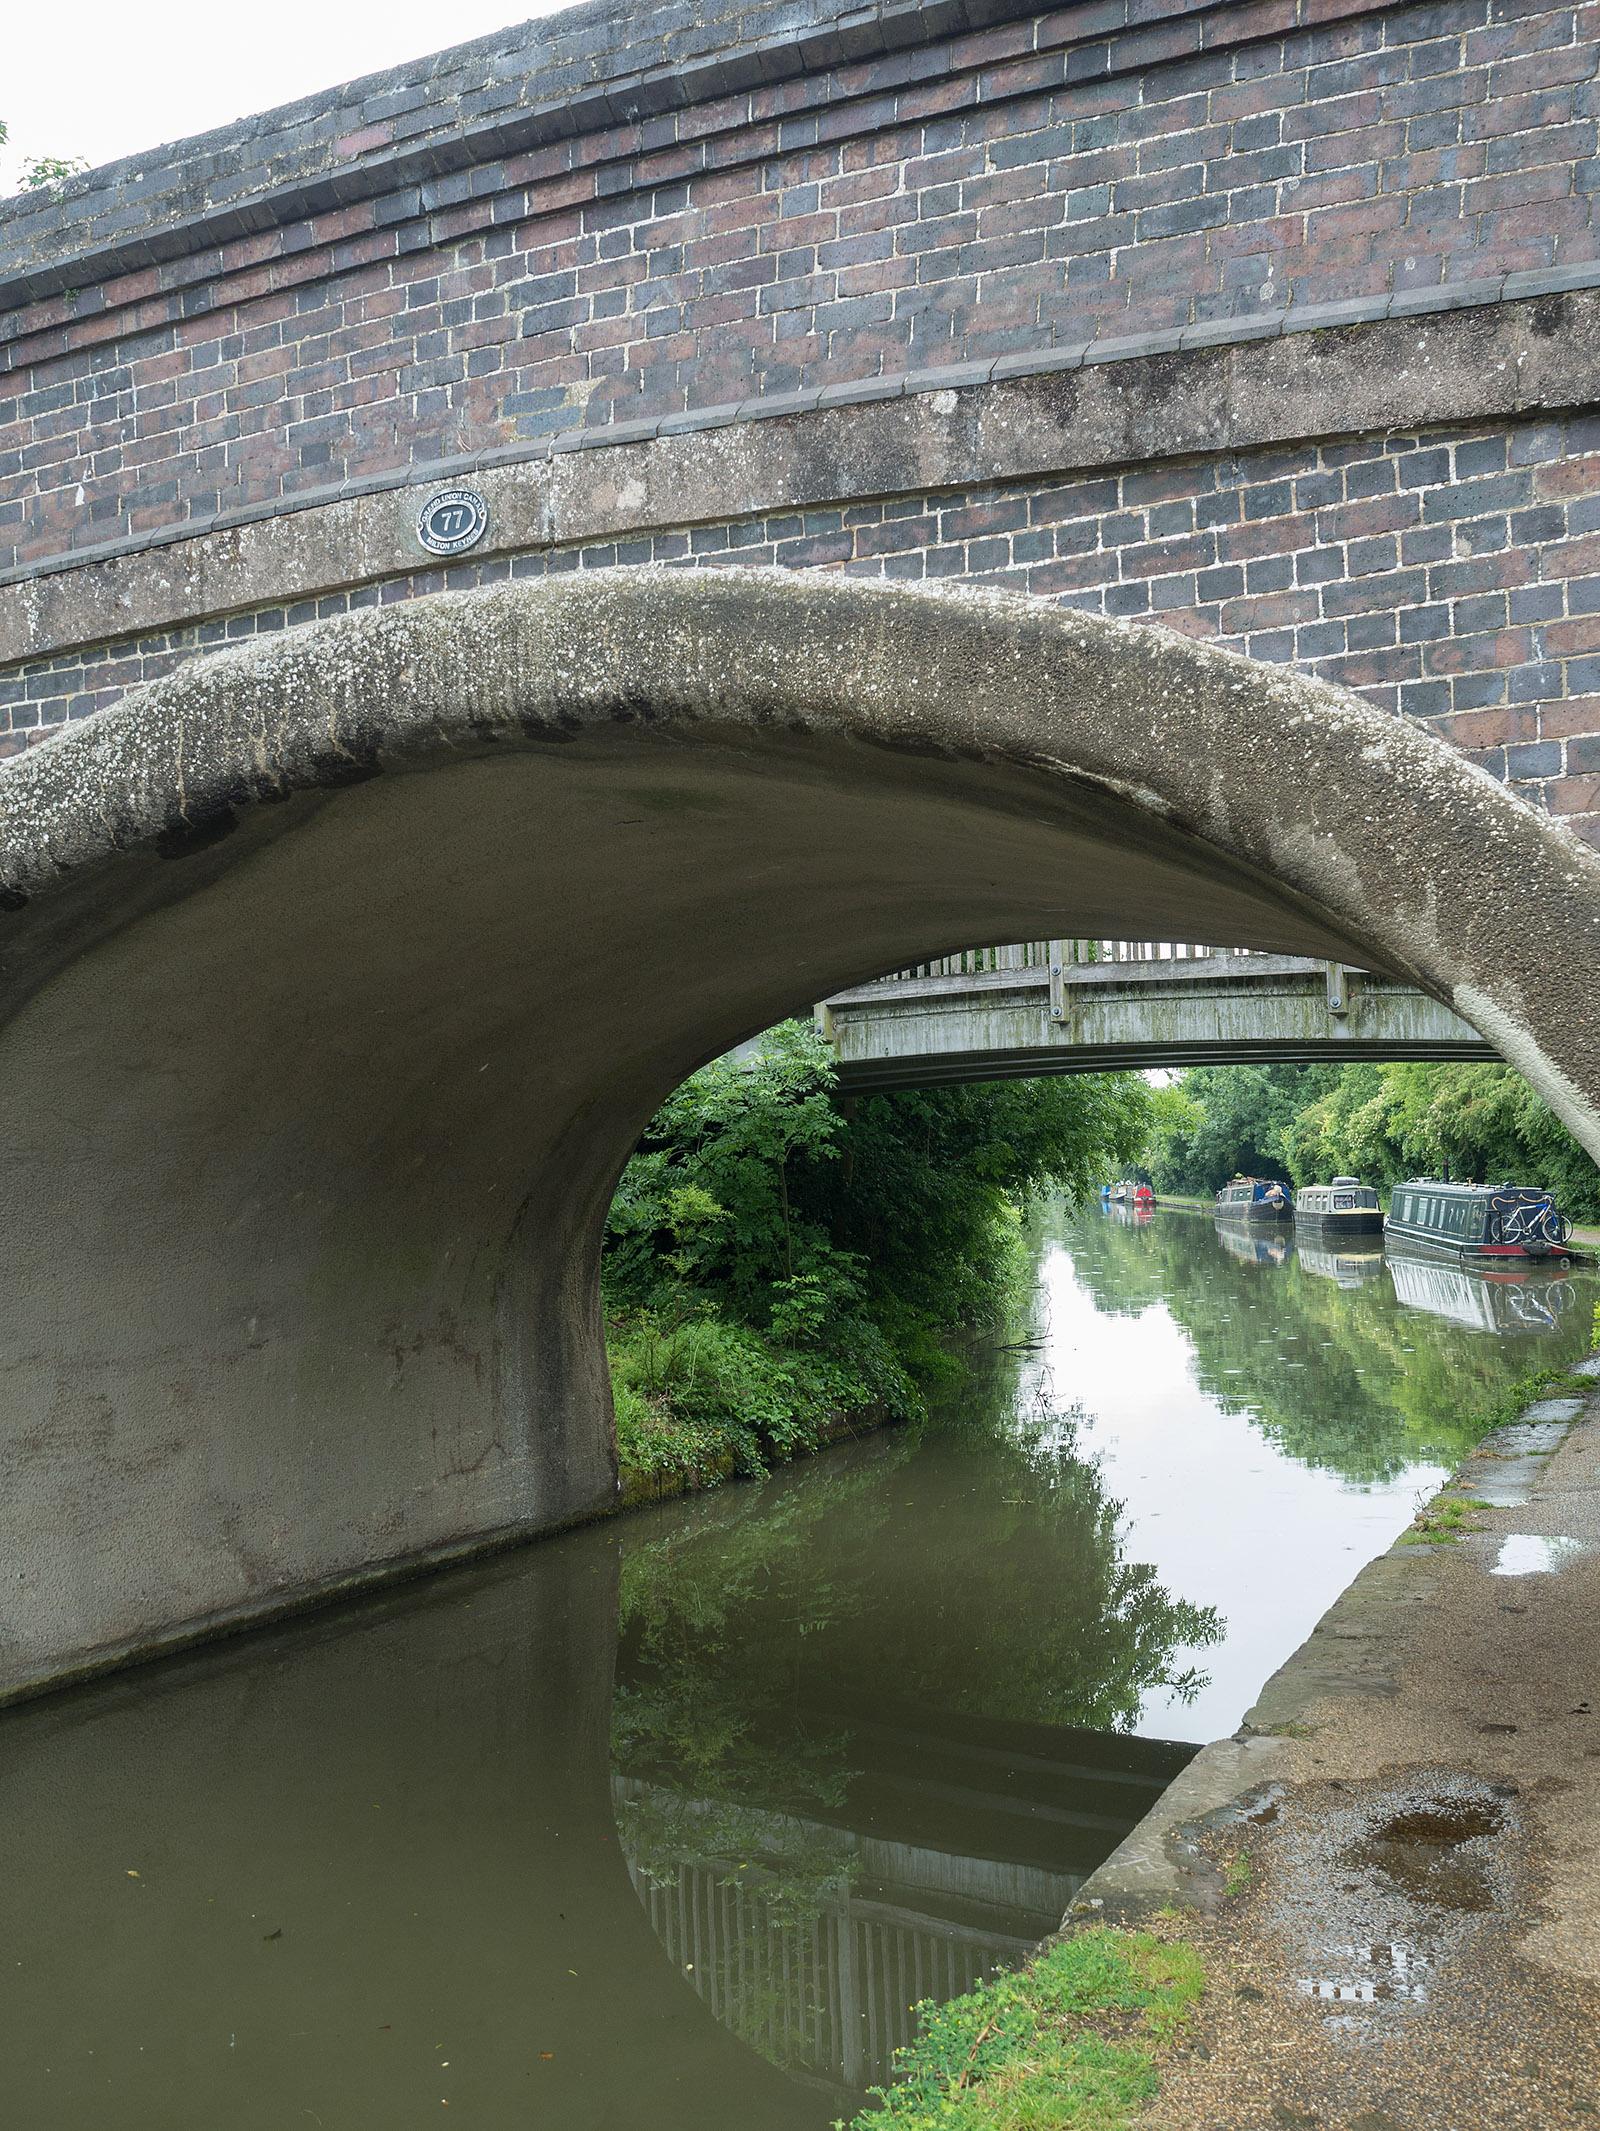 Linford wharf bridge